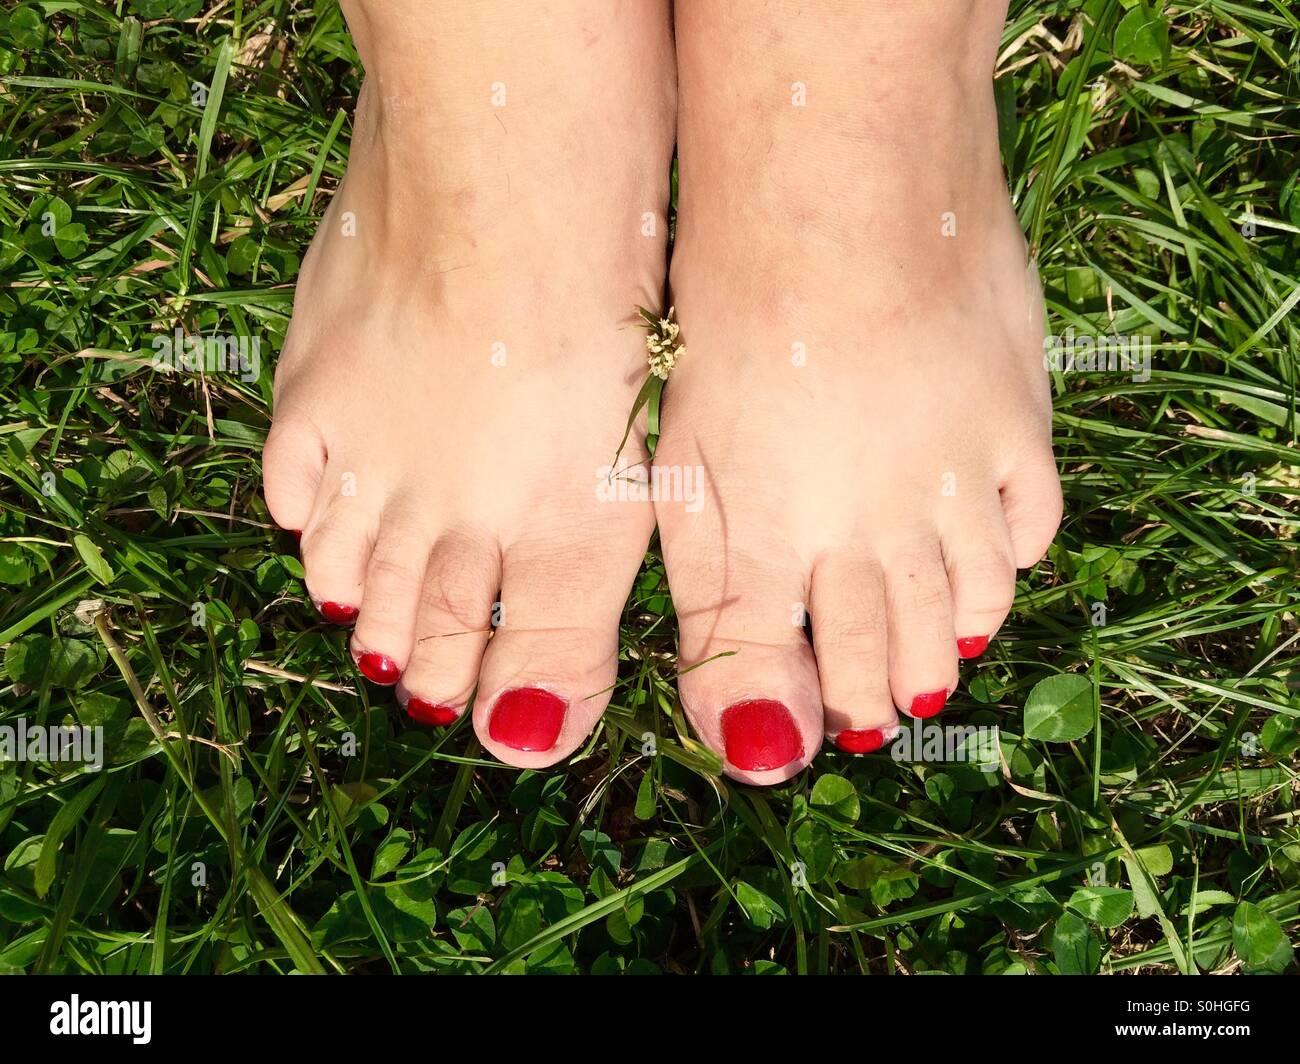 Pieds de femme nue avec nailpolish rouge sur l'herbe Photo Stock